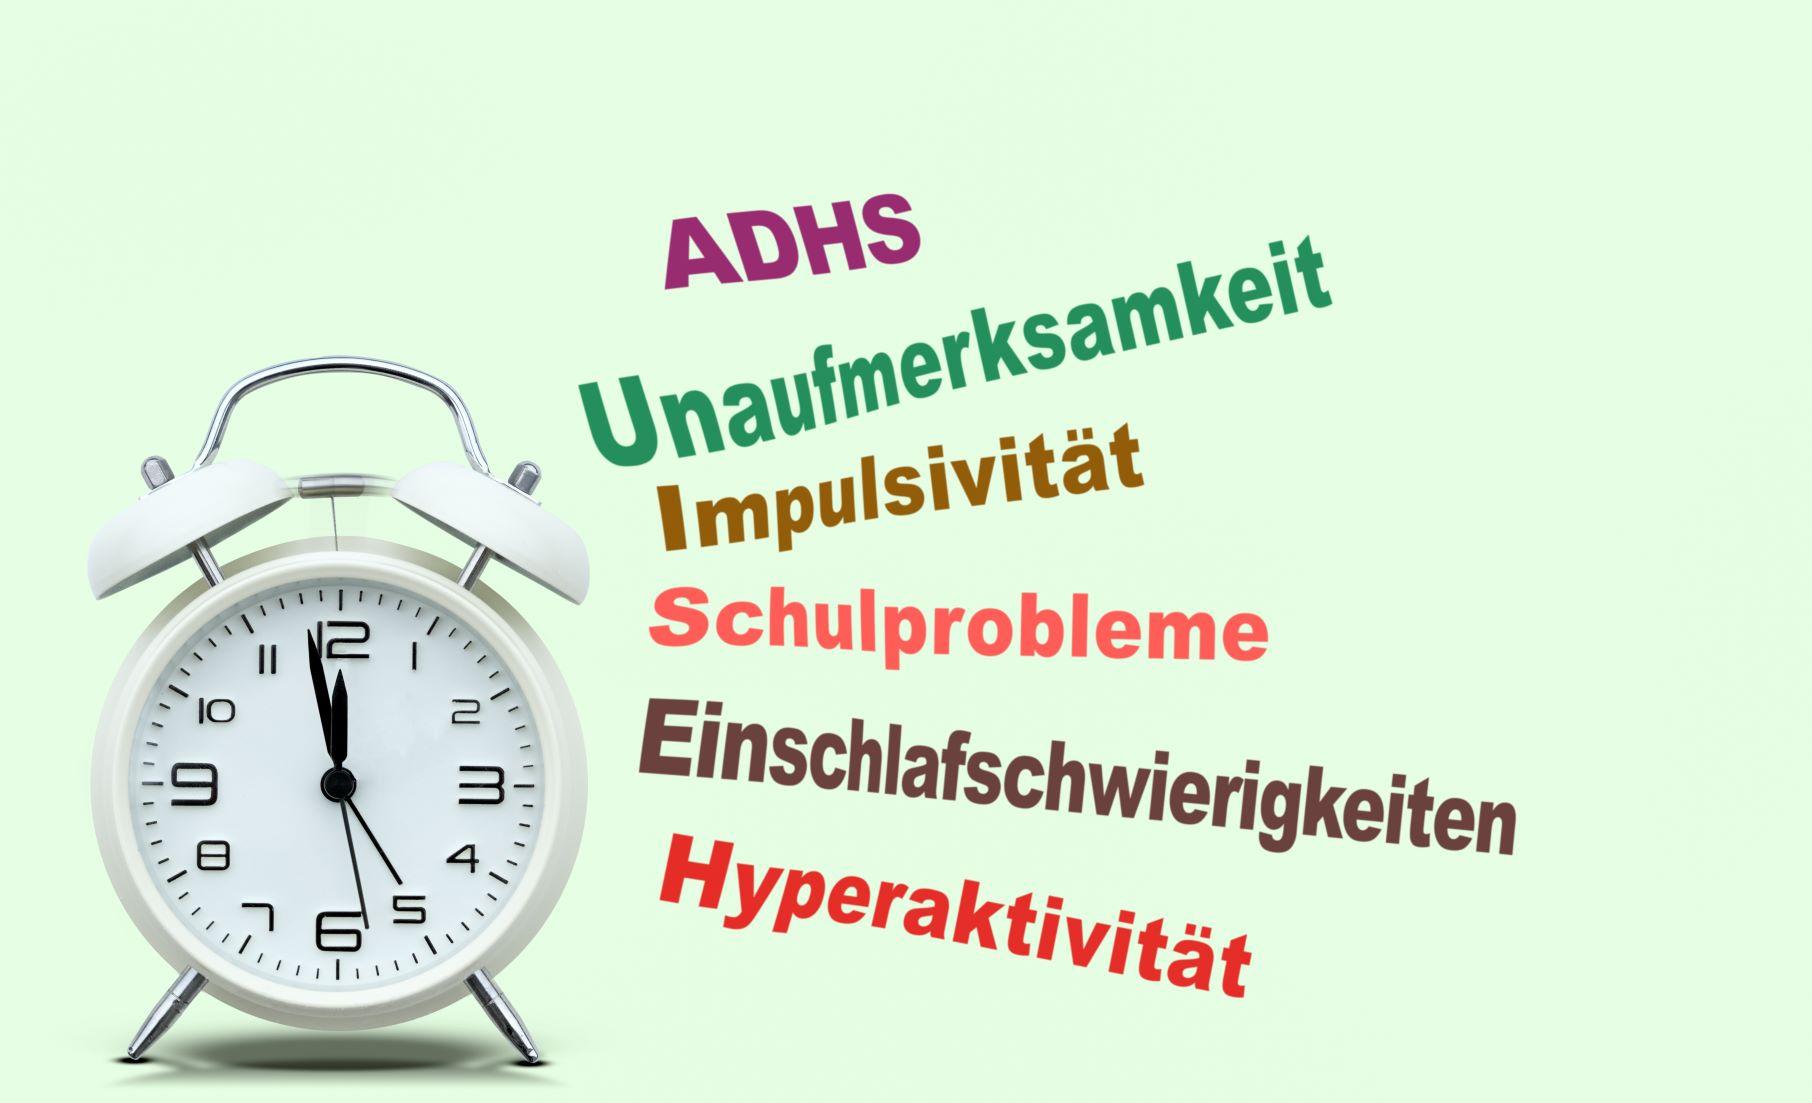 Wecker mit ADHS Symptomen